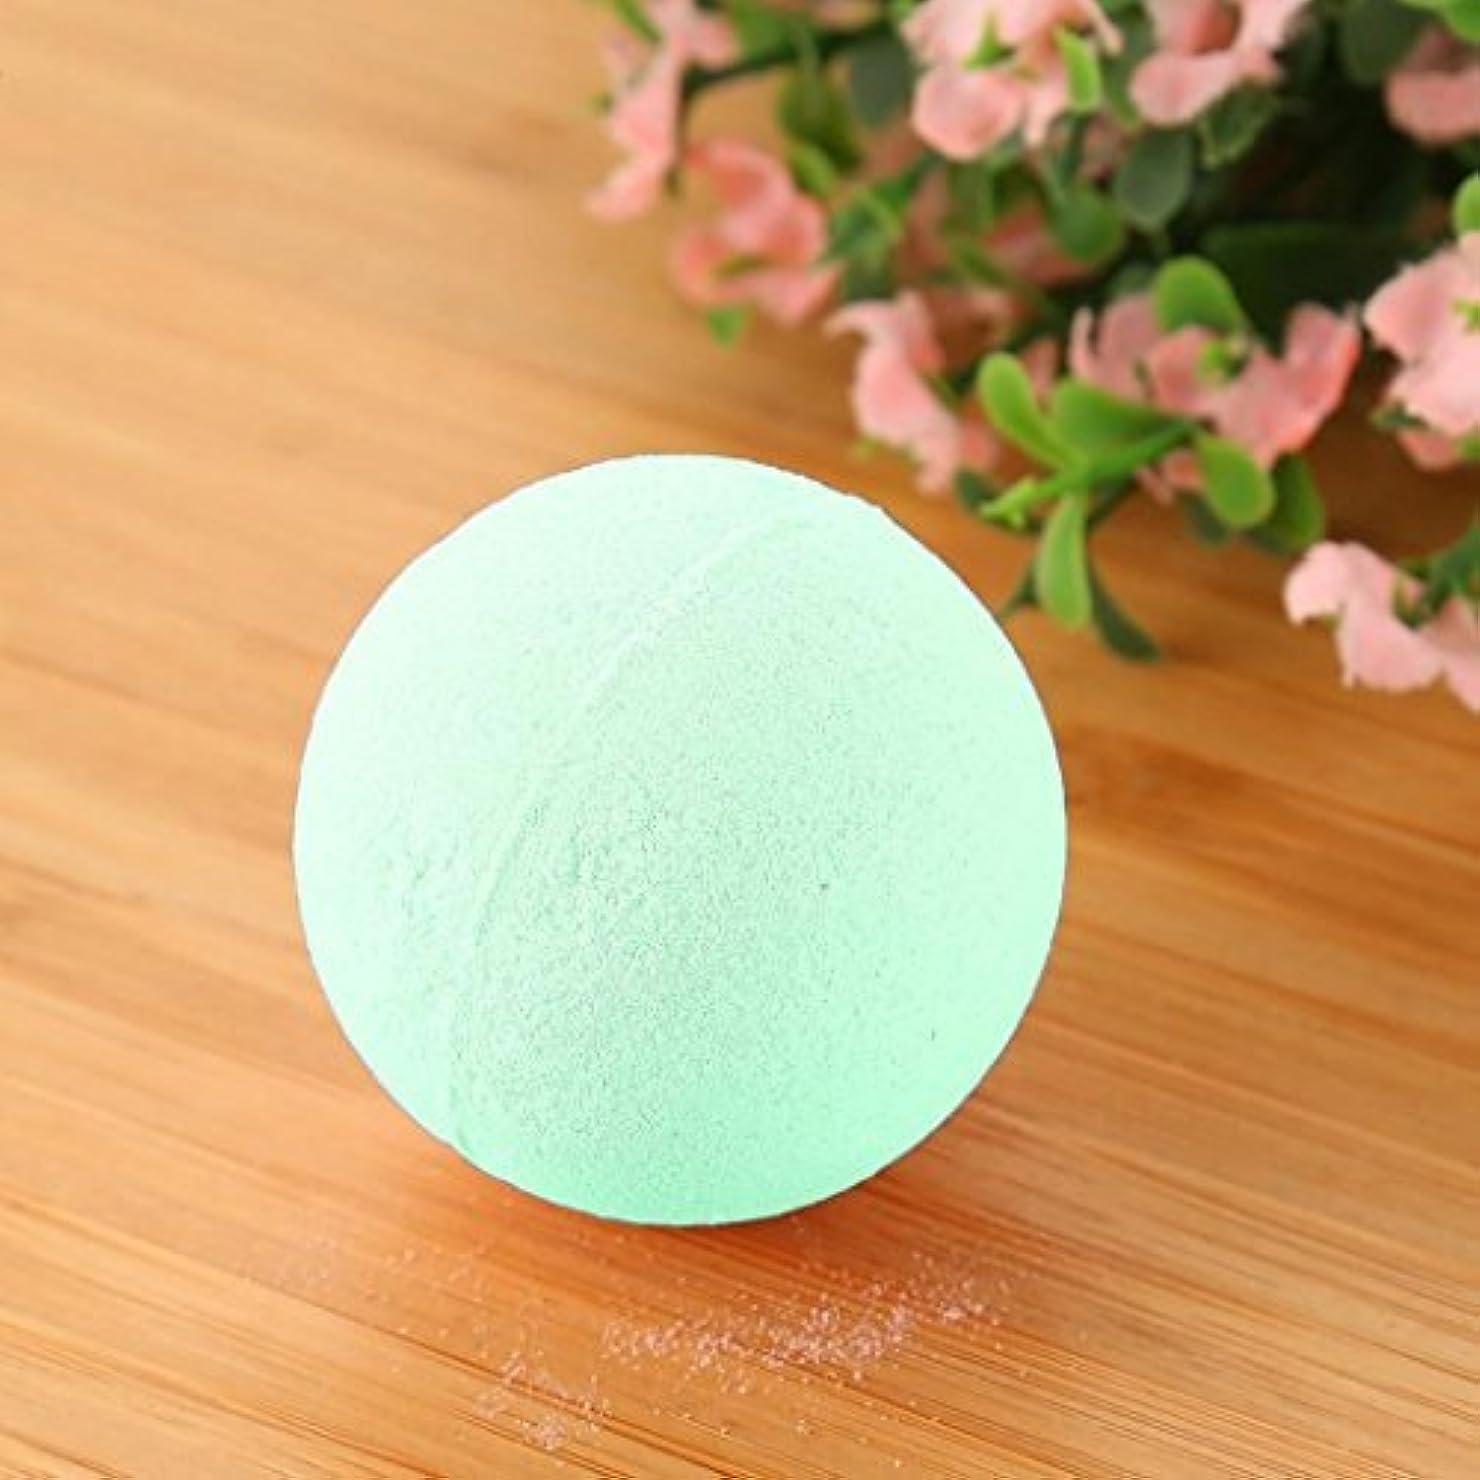 ボアボウリング証明書女性のための塩ソルトボールプレゼントリラックス泡風呂